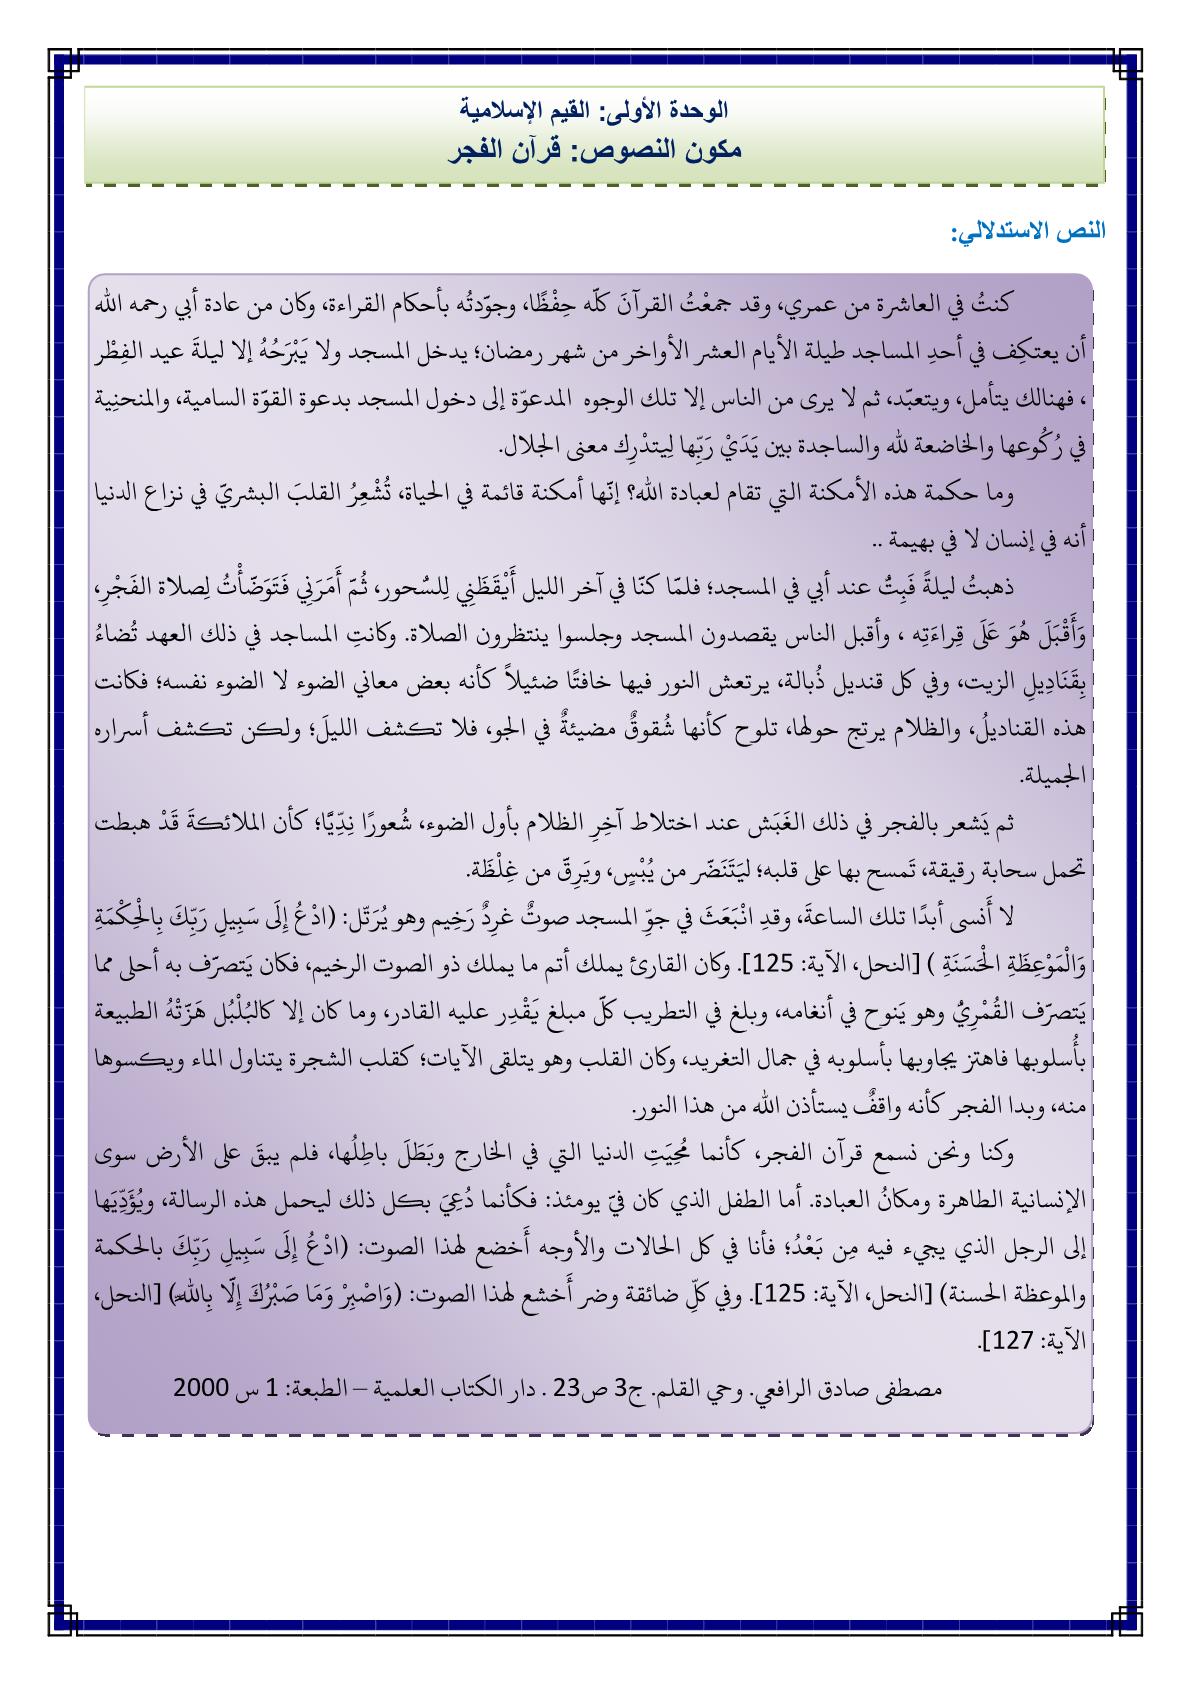 درس قرآن الفجر مادة اللغة العربية للسنة الثانية اعدادي